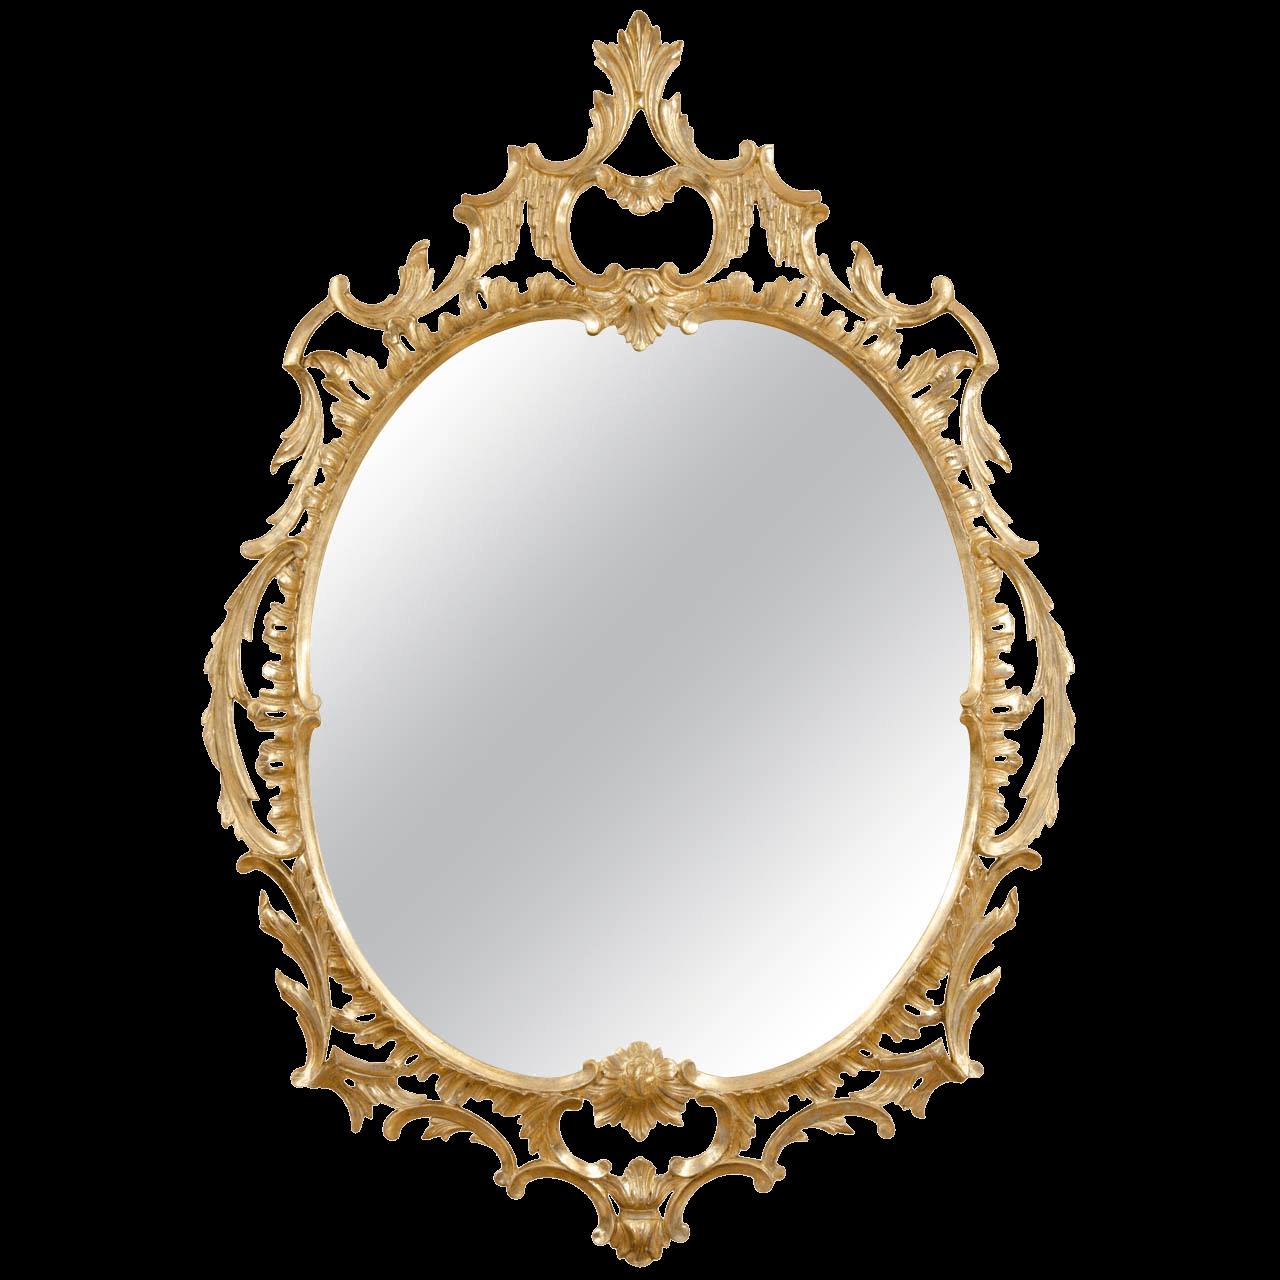 Картинки зеркала на прозрачном фоне, волга новый год